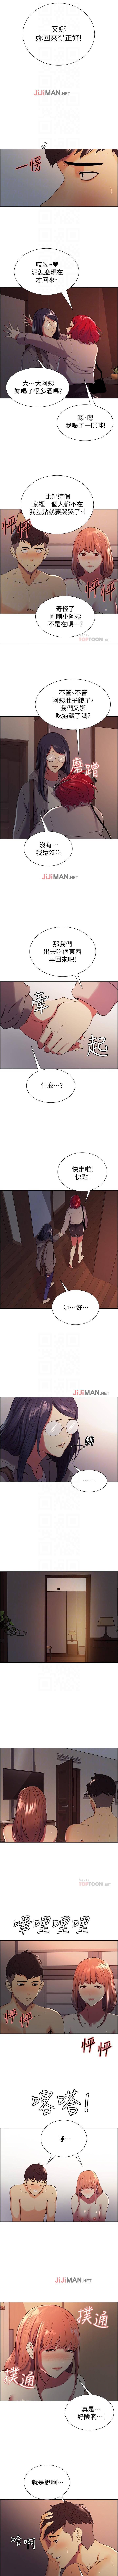 【周二连载】室友招募中(作者:Serious) 第1~15话 81